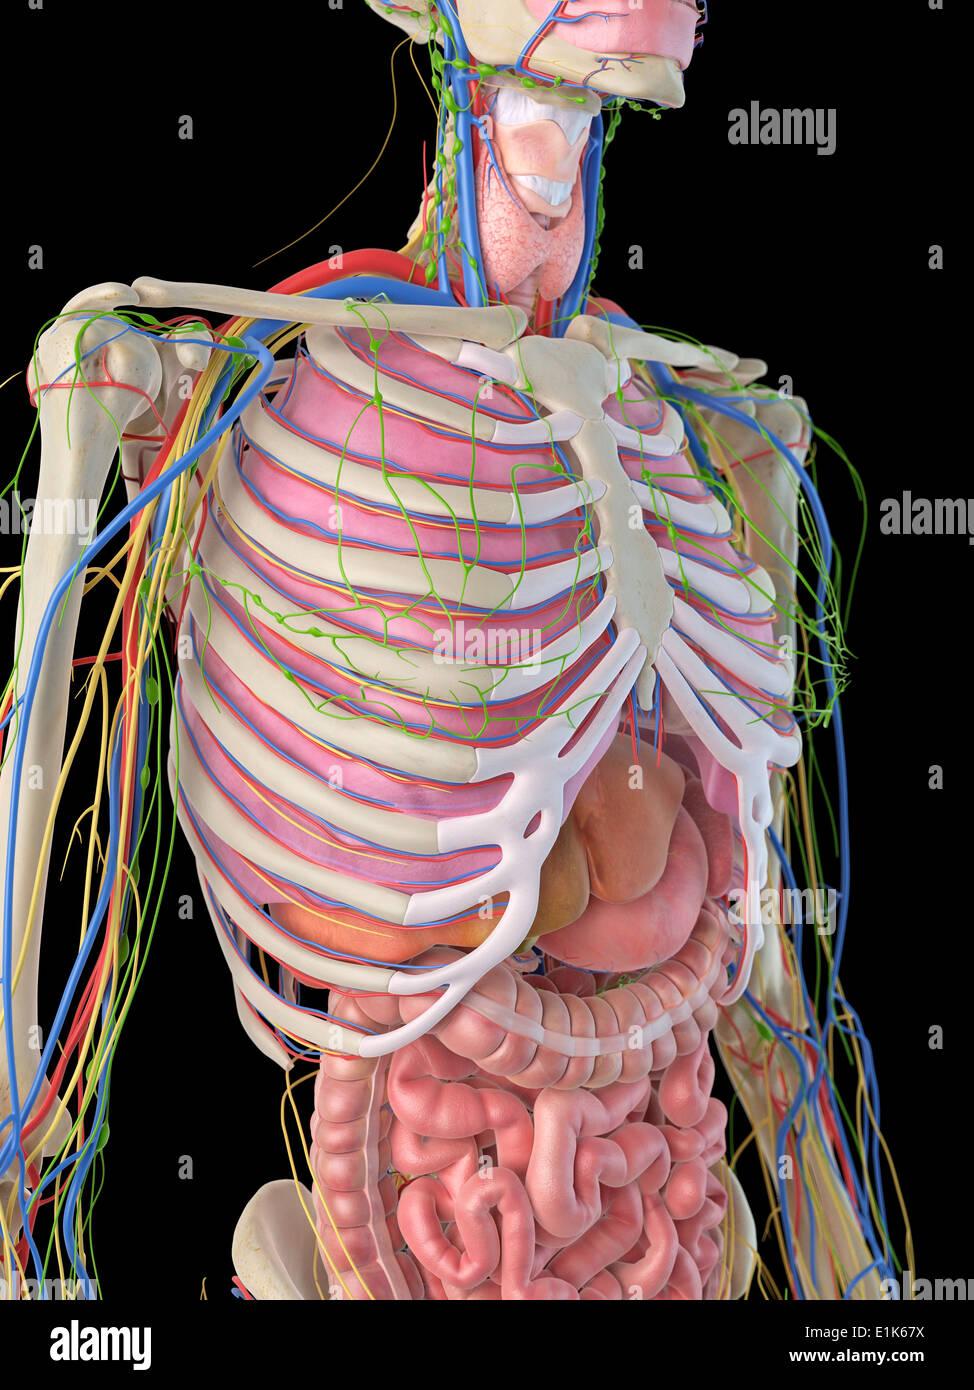 A expansibilidade da caixa torcica e rgos internos humanos a expansibilidade da caixa torcica e rgos internos humanos computador de arte ccuart Gallery